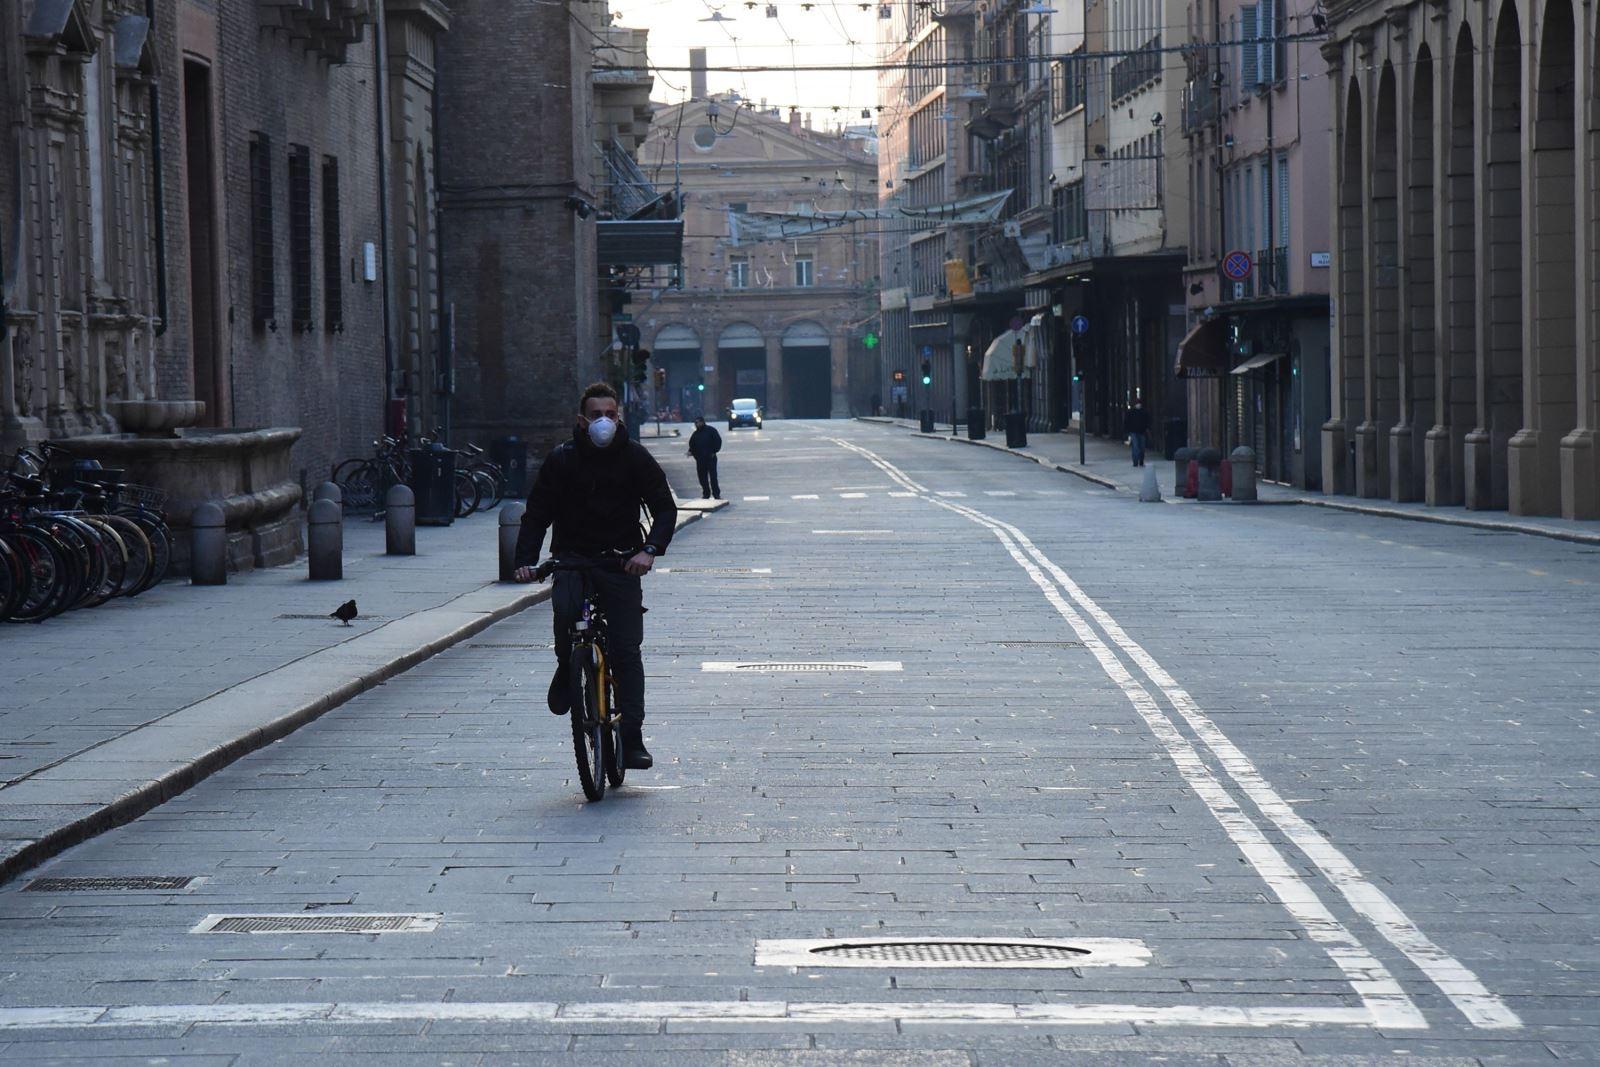 Người dân đeo khẩu trang để phòng tránh lây nhiễm COVID-19 tại Bologna, Italy, ngày 21-3-2020. Ảnh: THX/ TTXVN